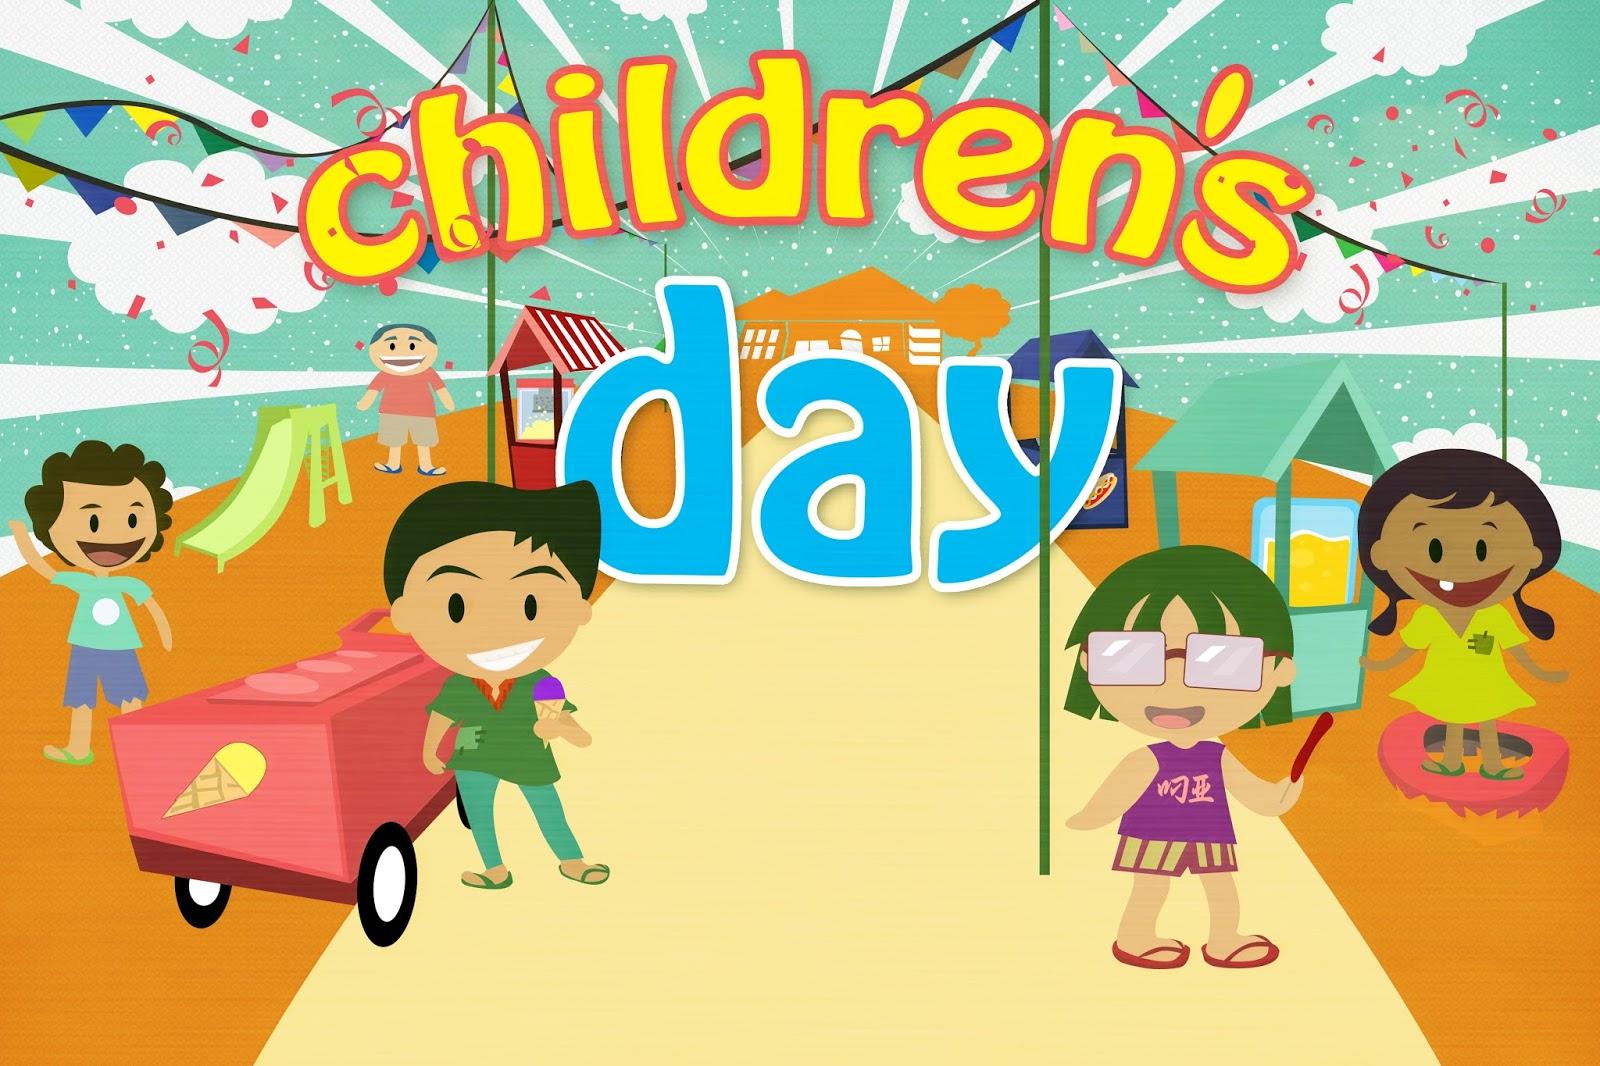 childrens day speech essay